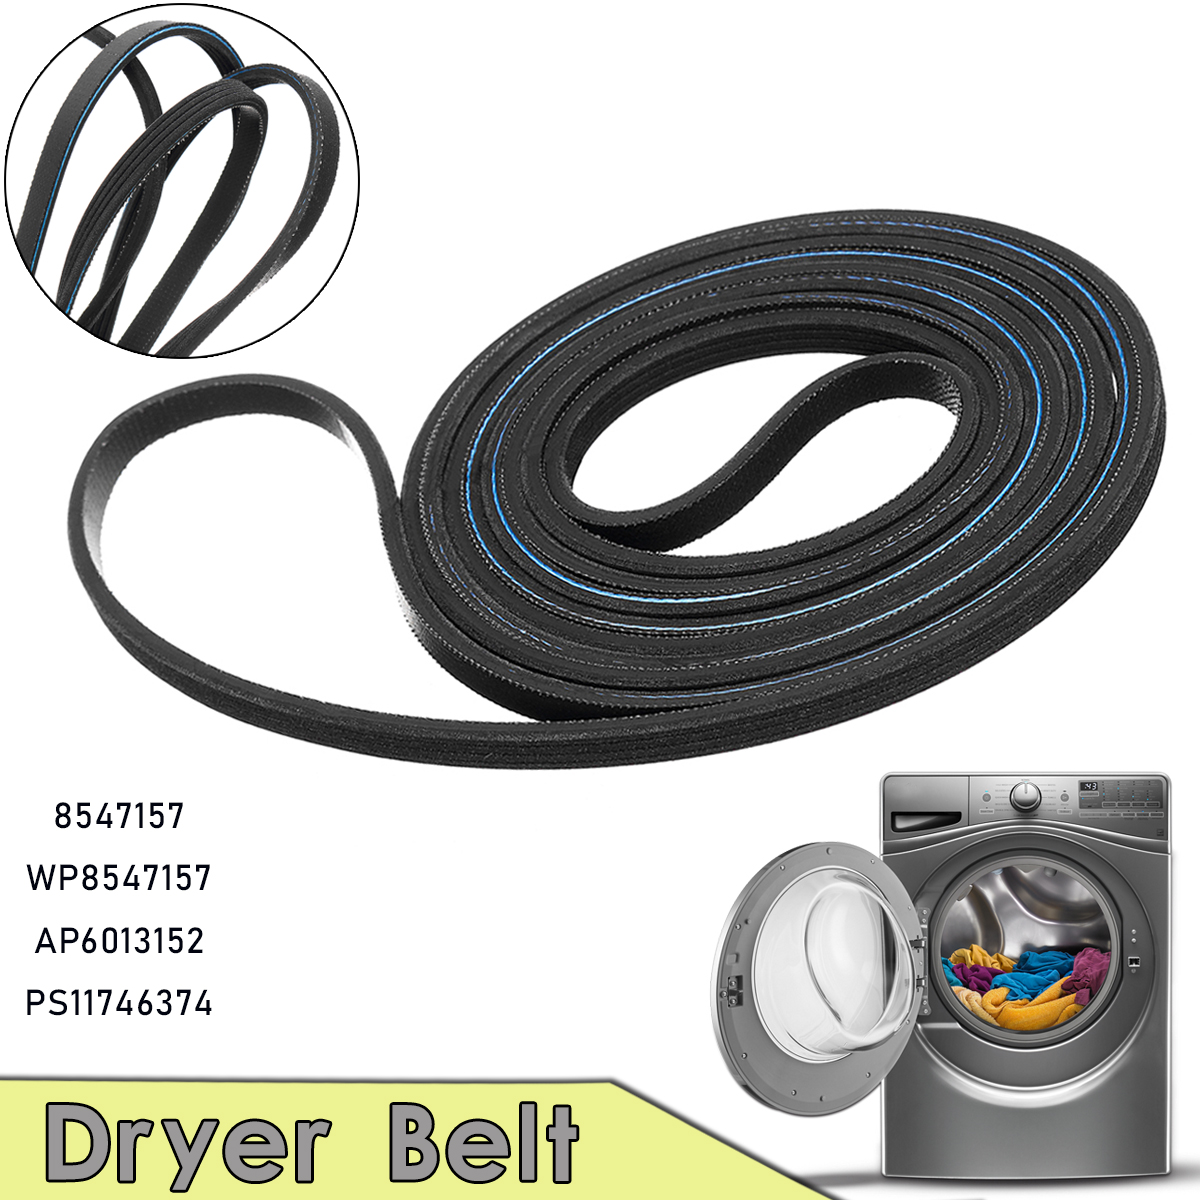 Dryer Belt For Norge Roper Amana Admiral 8547157 WP8547157 AP6013152 PS11746374 norge kongeriget norges grundlov